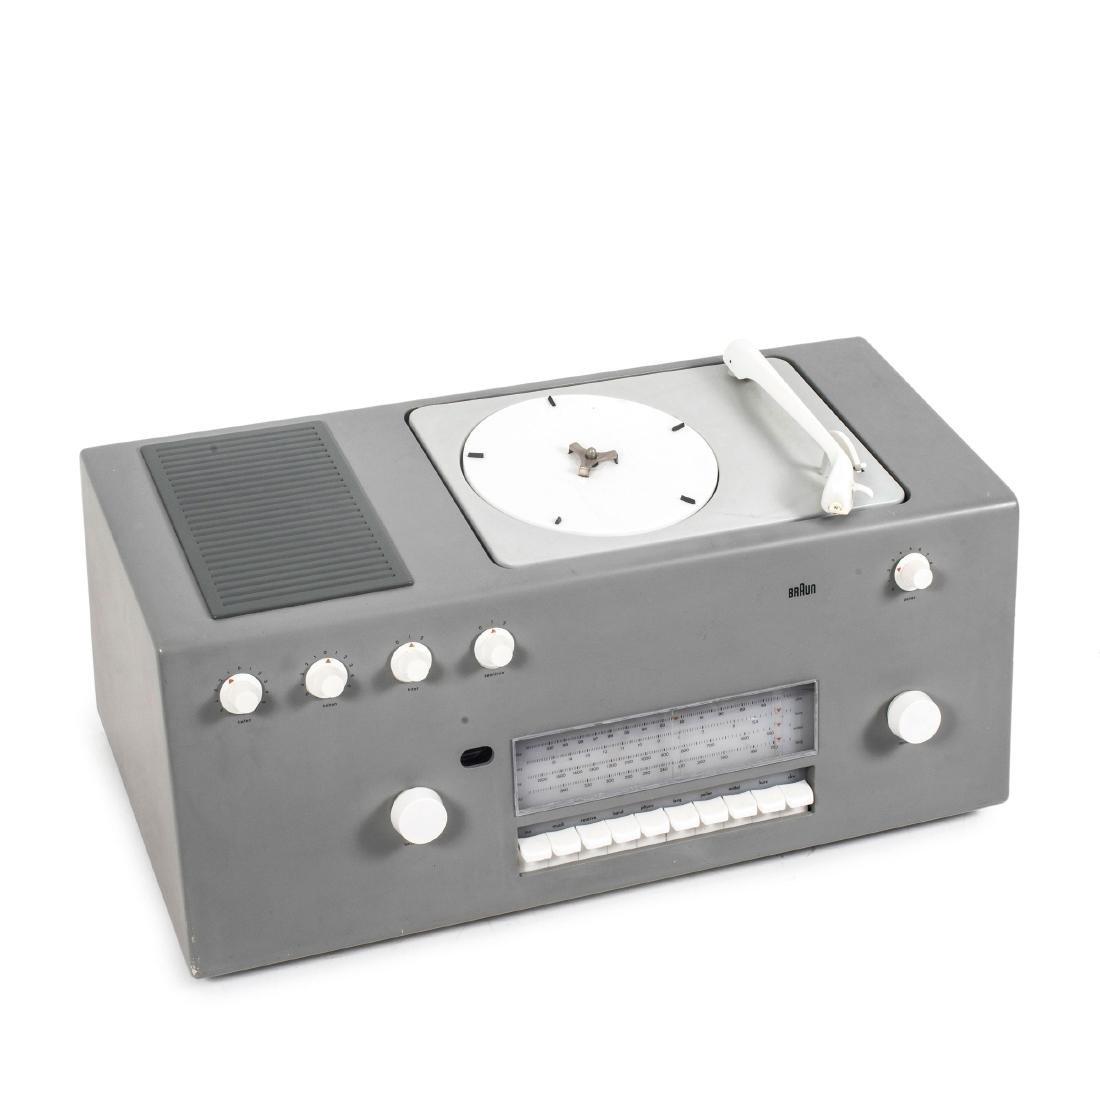 'Studio 1' radio -phono unit, 1957